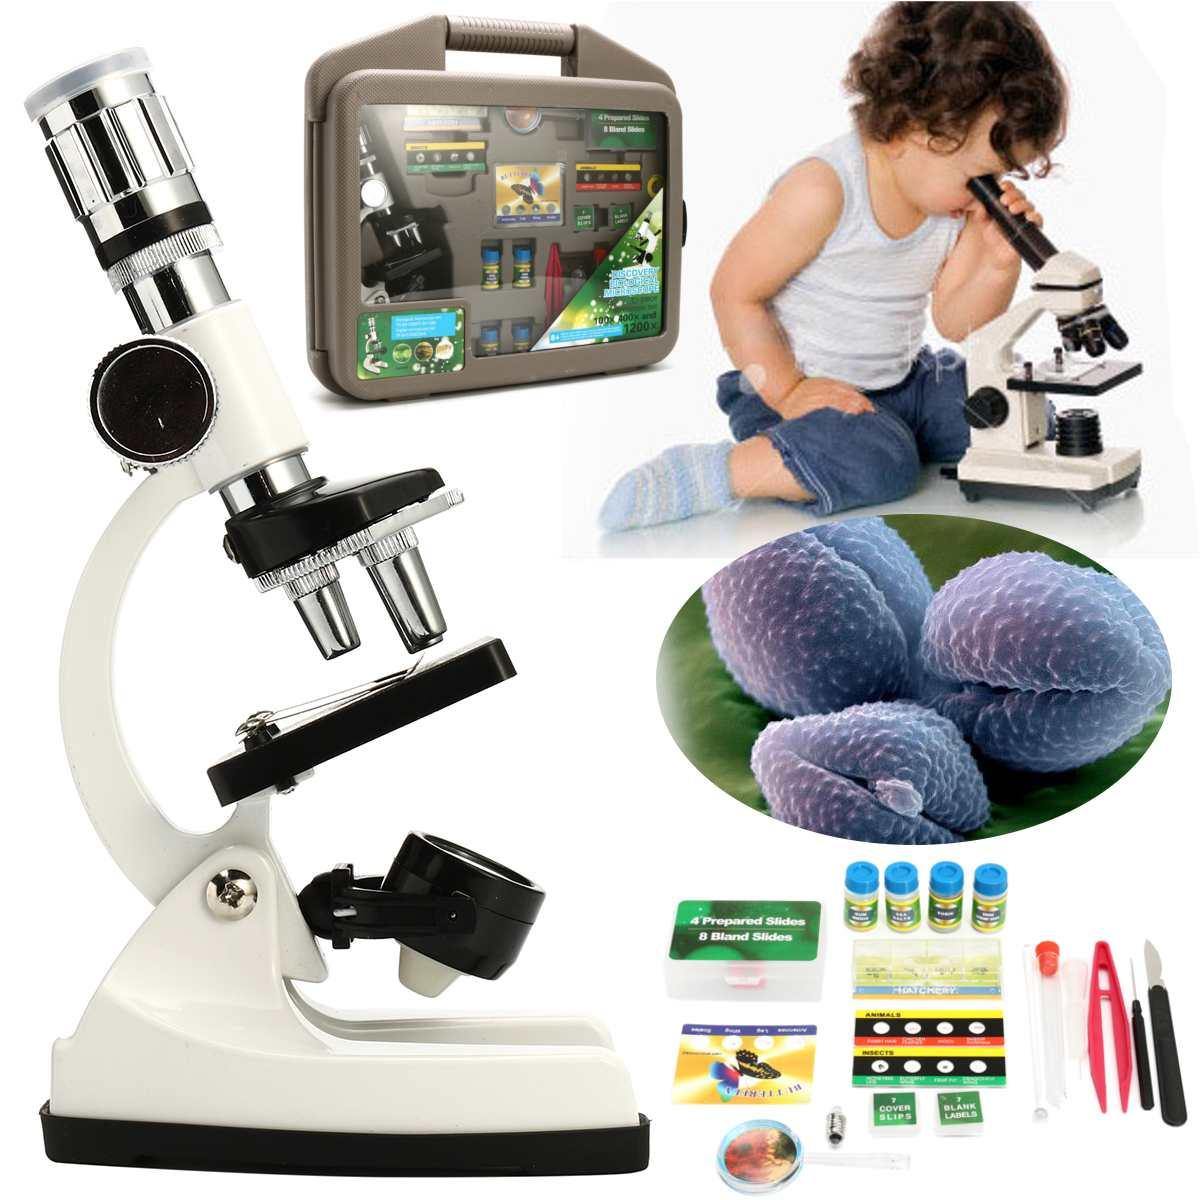 Ensemble d'outils scientifiques de découverte de Microscope biologique avancé pour enfants 50X-1200X Kit de jouets éducatifs d'apprentissage de laboratoire d'école à domicile pour enfants